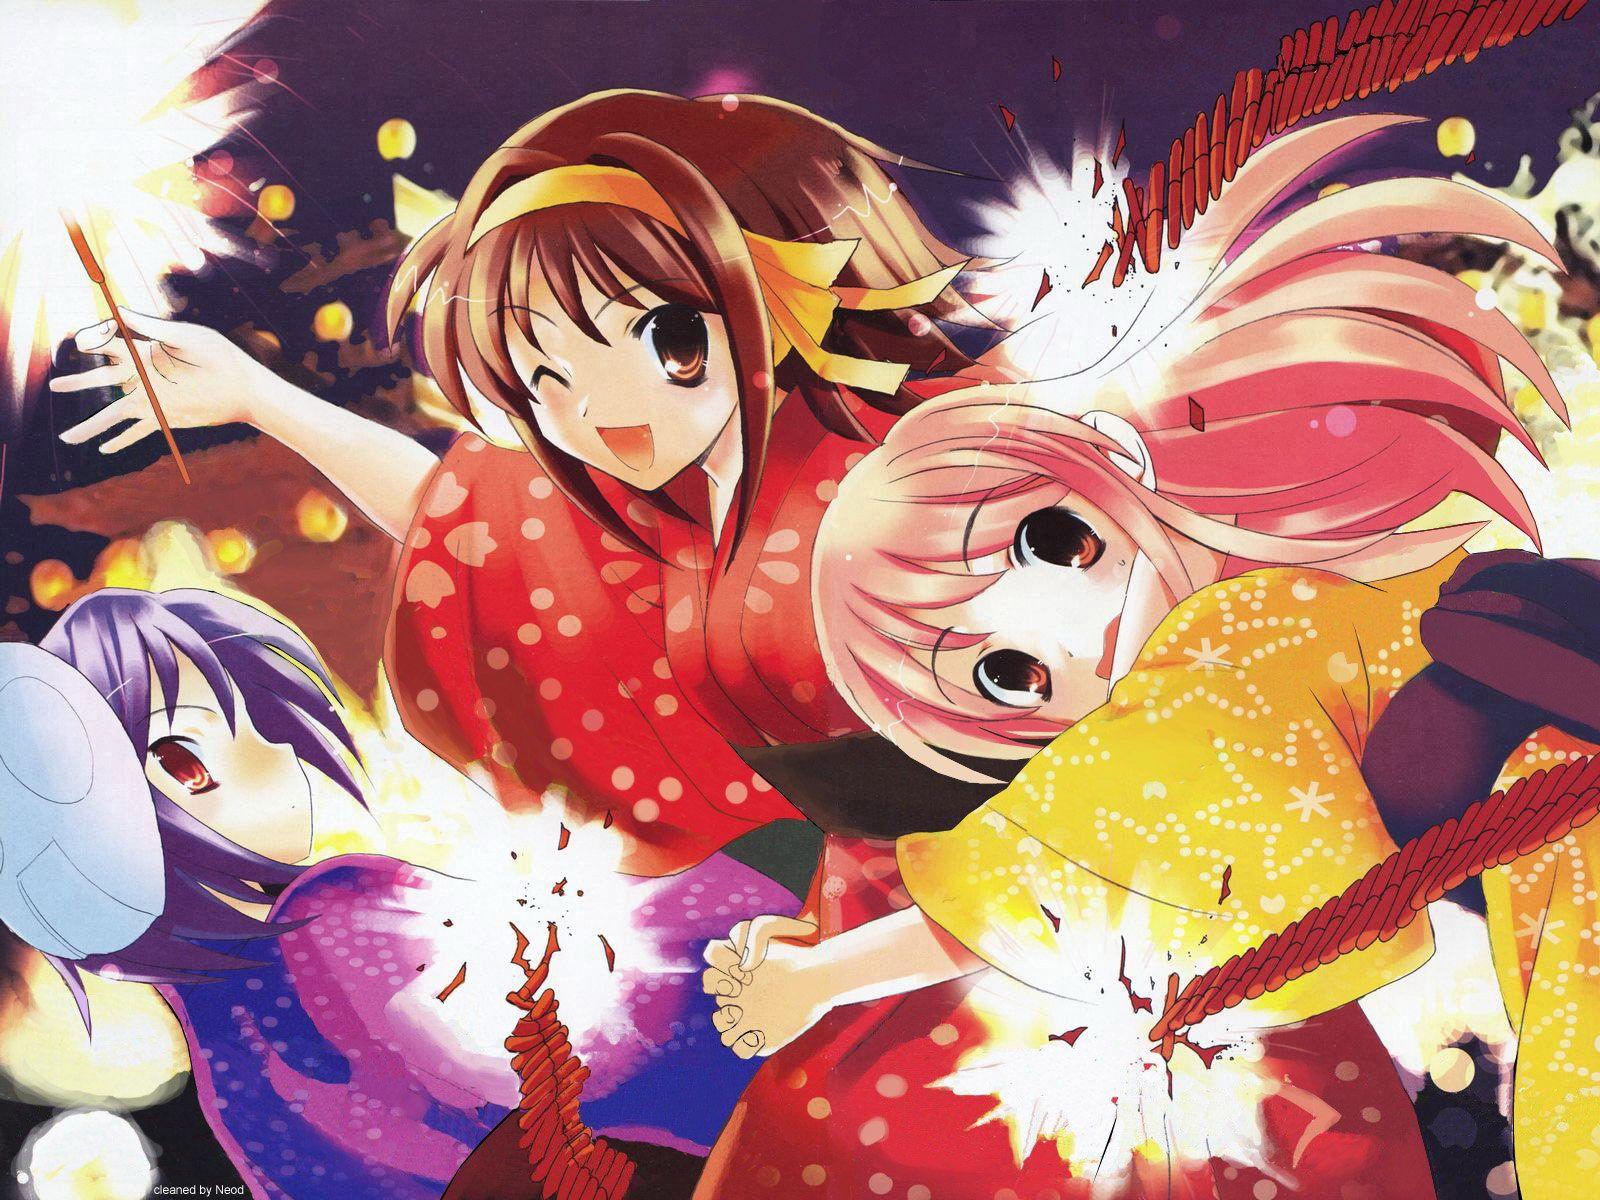 《凉宫春日的忧郁》 桌面壁纸(6124) 凉宫春日壁纸 动漫大风堂 Anime, Anime